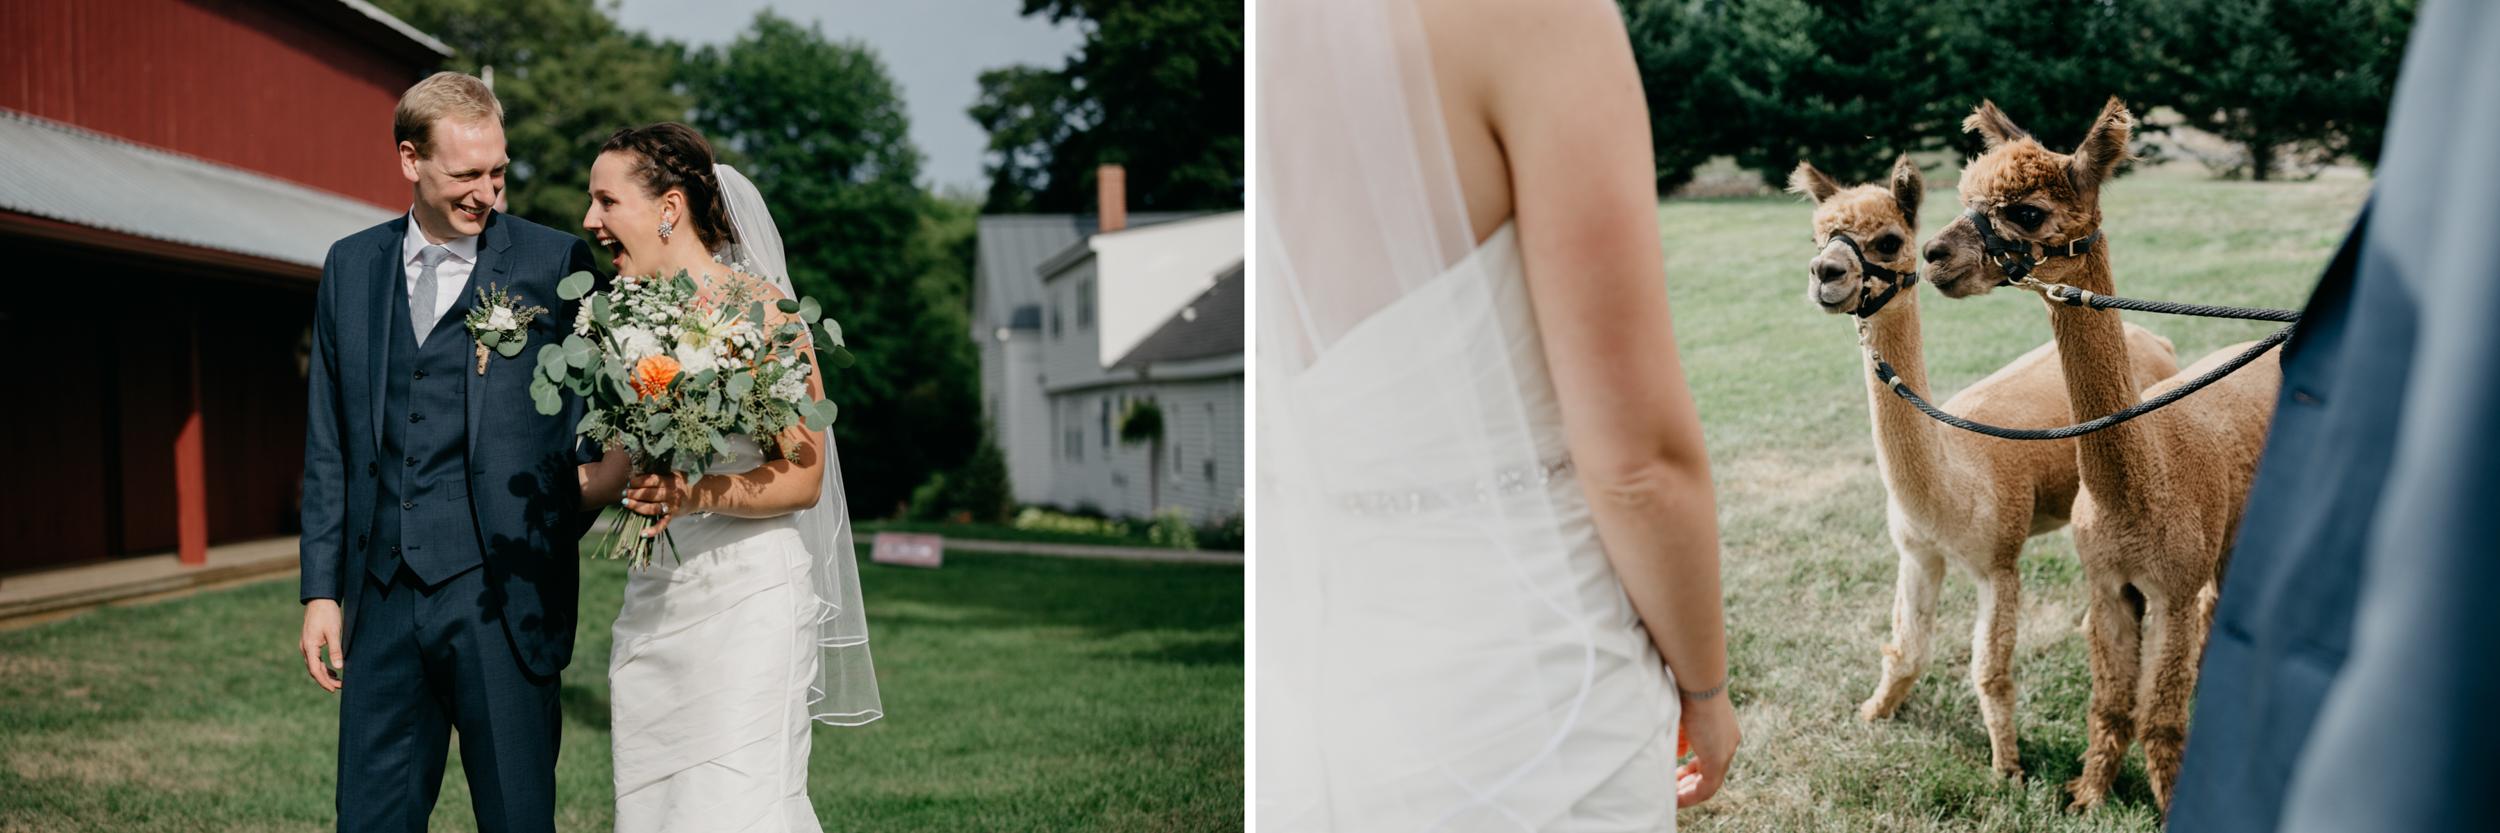 Jessie_Erik_Pownal_Maine_Wedding_William_allen_farm_032.jpg